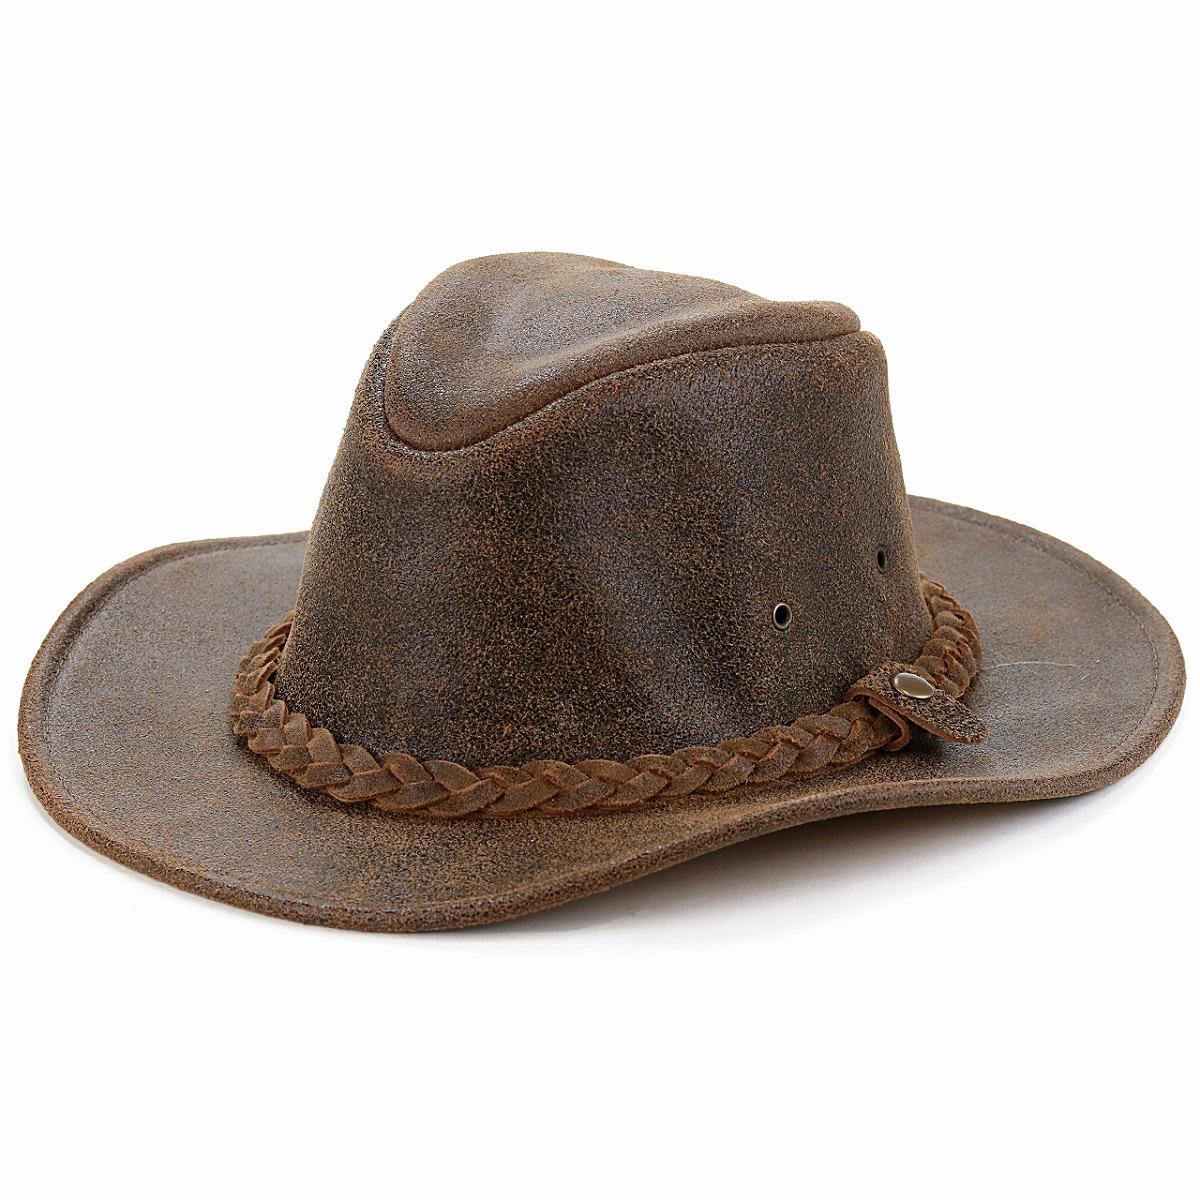 60cm 大きいサイズ 限定タイムセール アメリカ製 折り畳める 高級レザー HENSCHEL 本革 カウボーイ ハット ヘンシェル レザー 帽子 ダメージ加工 クラッシャブル 牛革 商品 スエード ブラウン ウエスタン hat 50代 男性 ヴィンテージ プレゼント 父の日 40代 cowboy 敬老の日 茶 60代